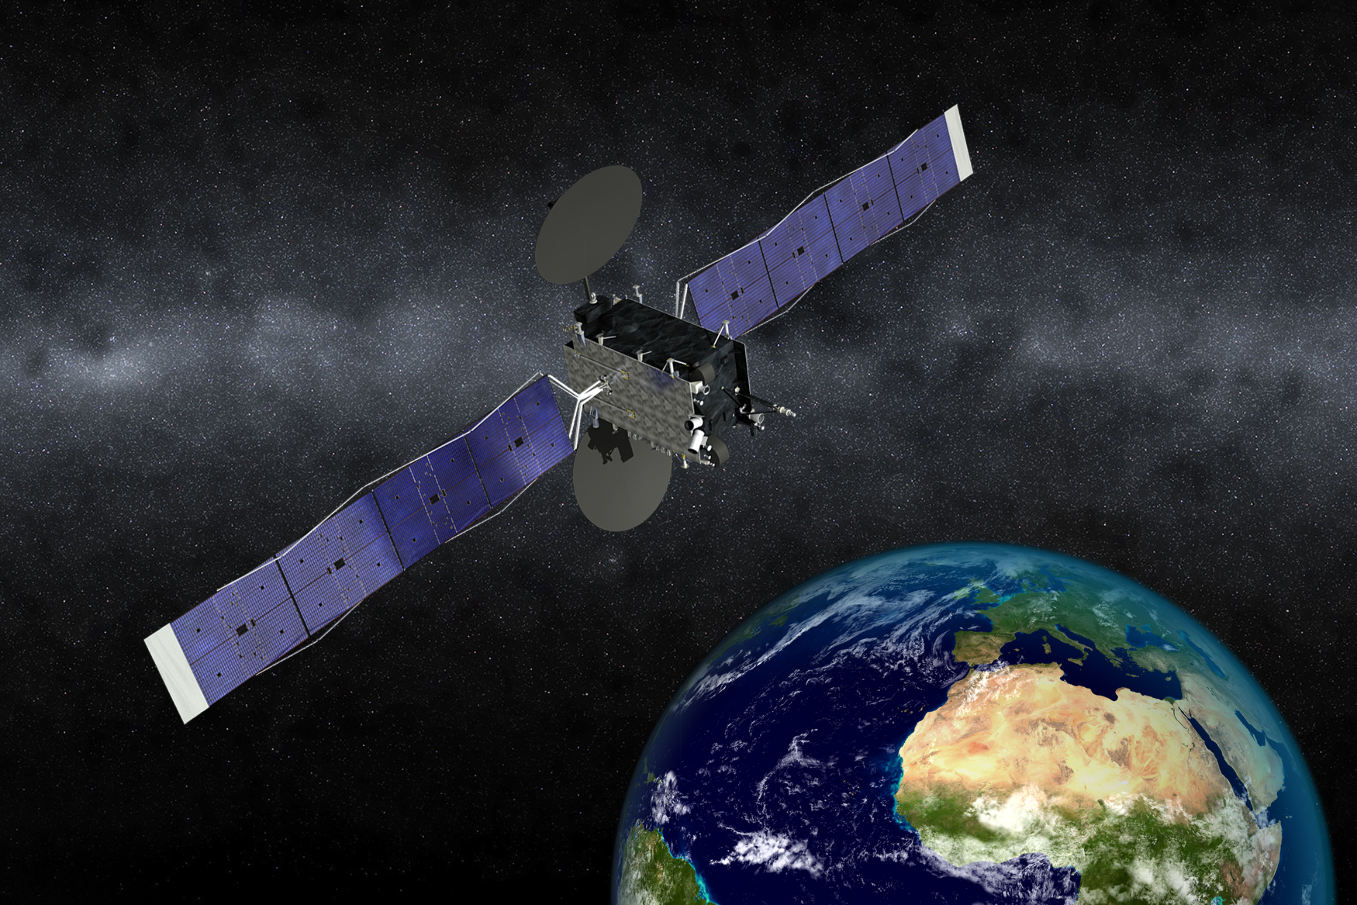 Eutelsat confie à Airbus Defence and Space et Orbital ATK son nouveau satellite 5° Ouest